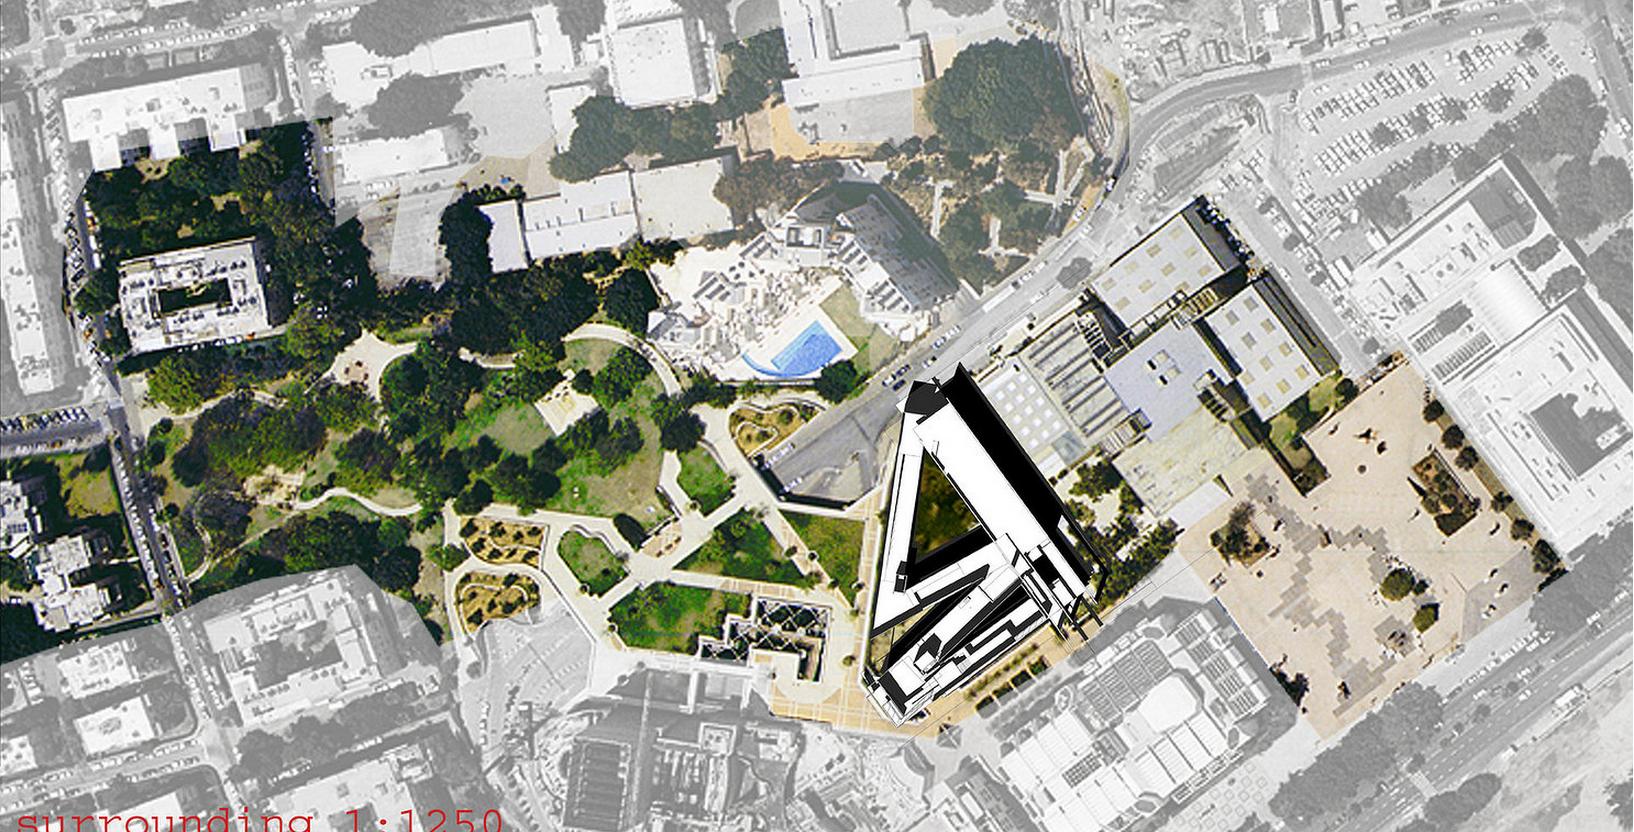 האגף החדש למוזיאון תל אביב _2004 (1).png